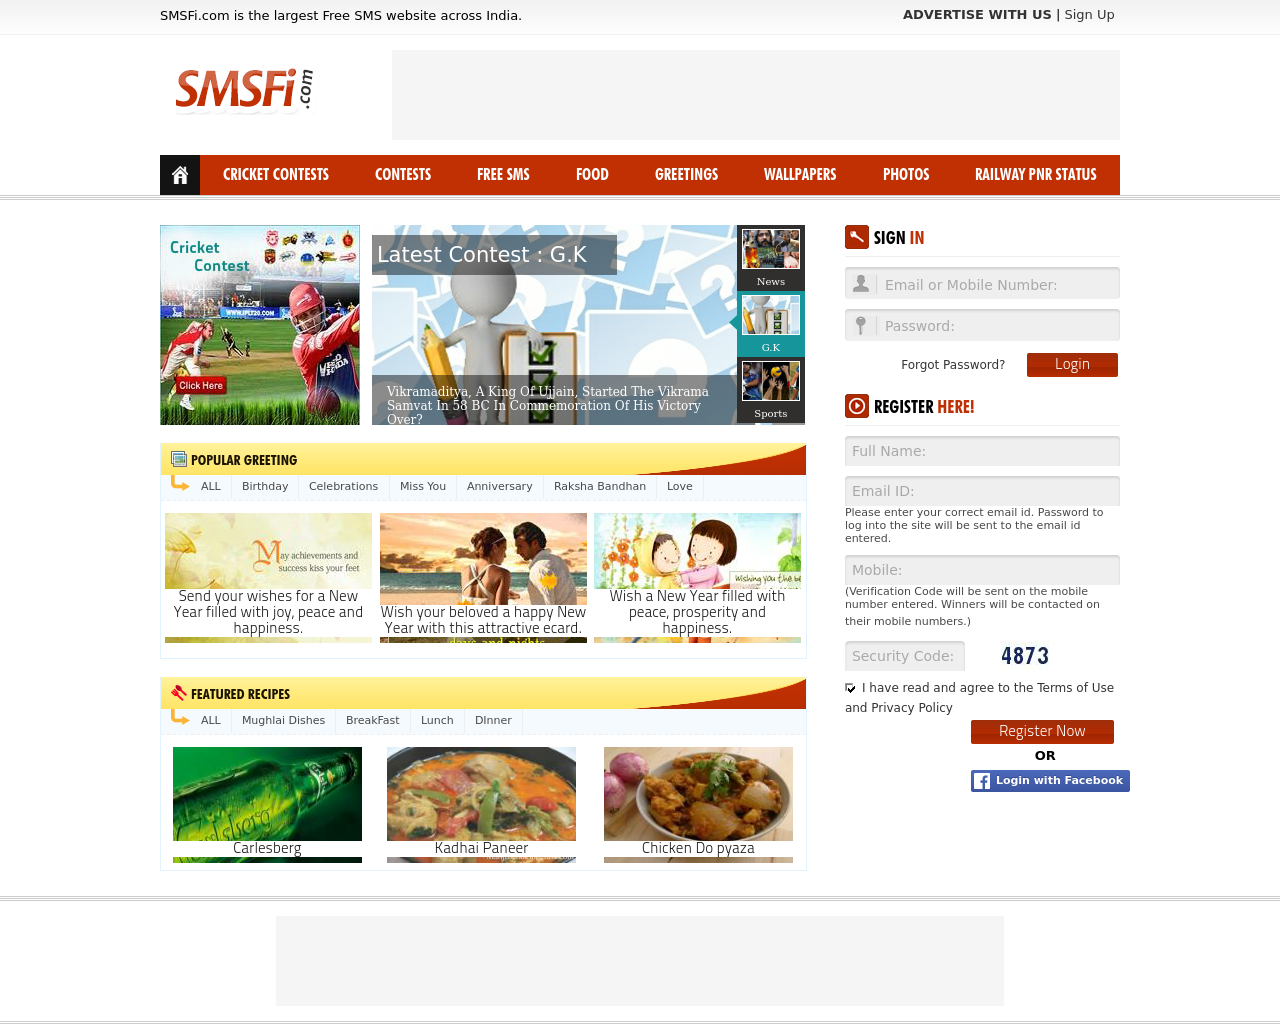 SMSFi.com-Advertising-Reviews-Pricing